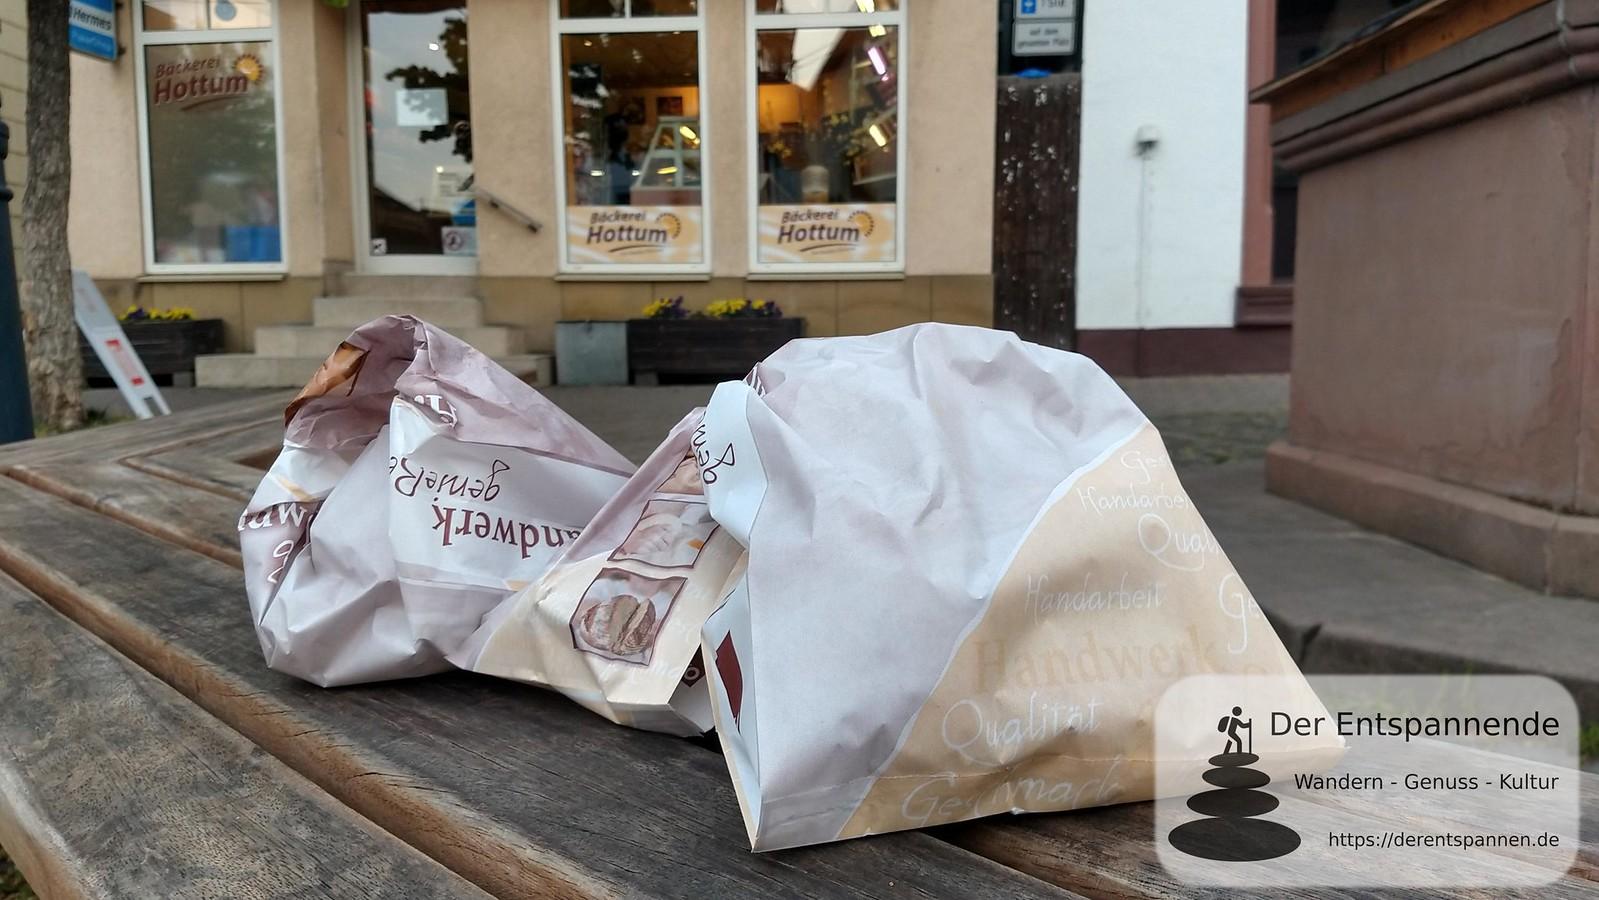 Brötchen von Bäckerei Hottum in Gau-Odernheim